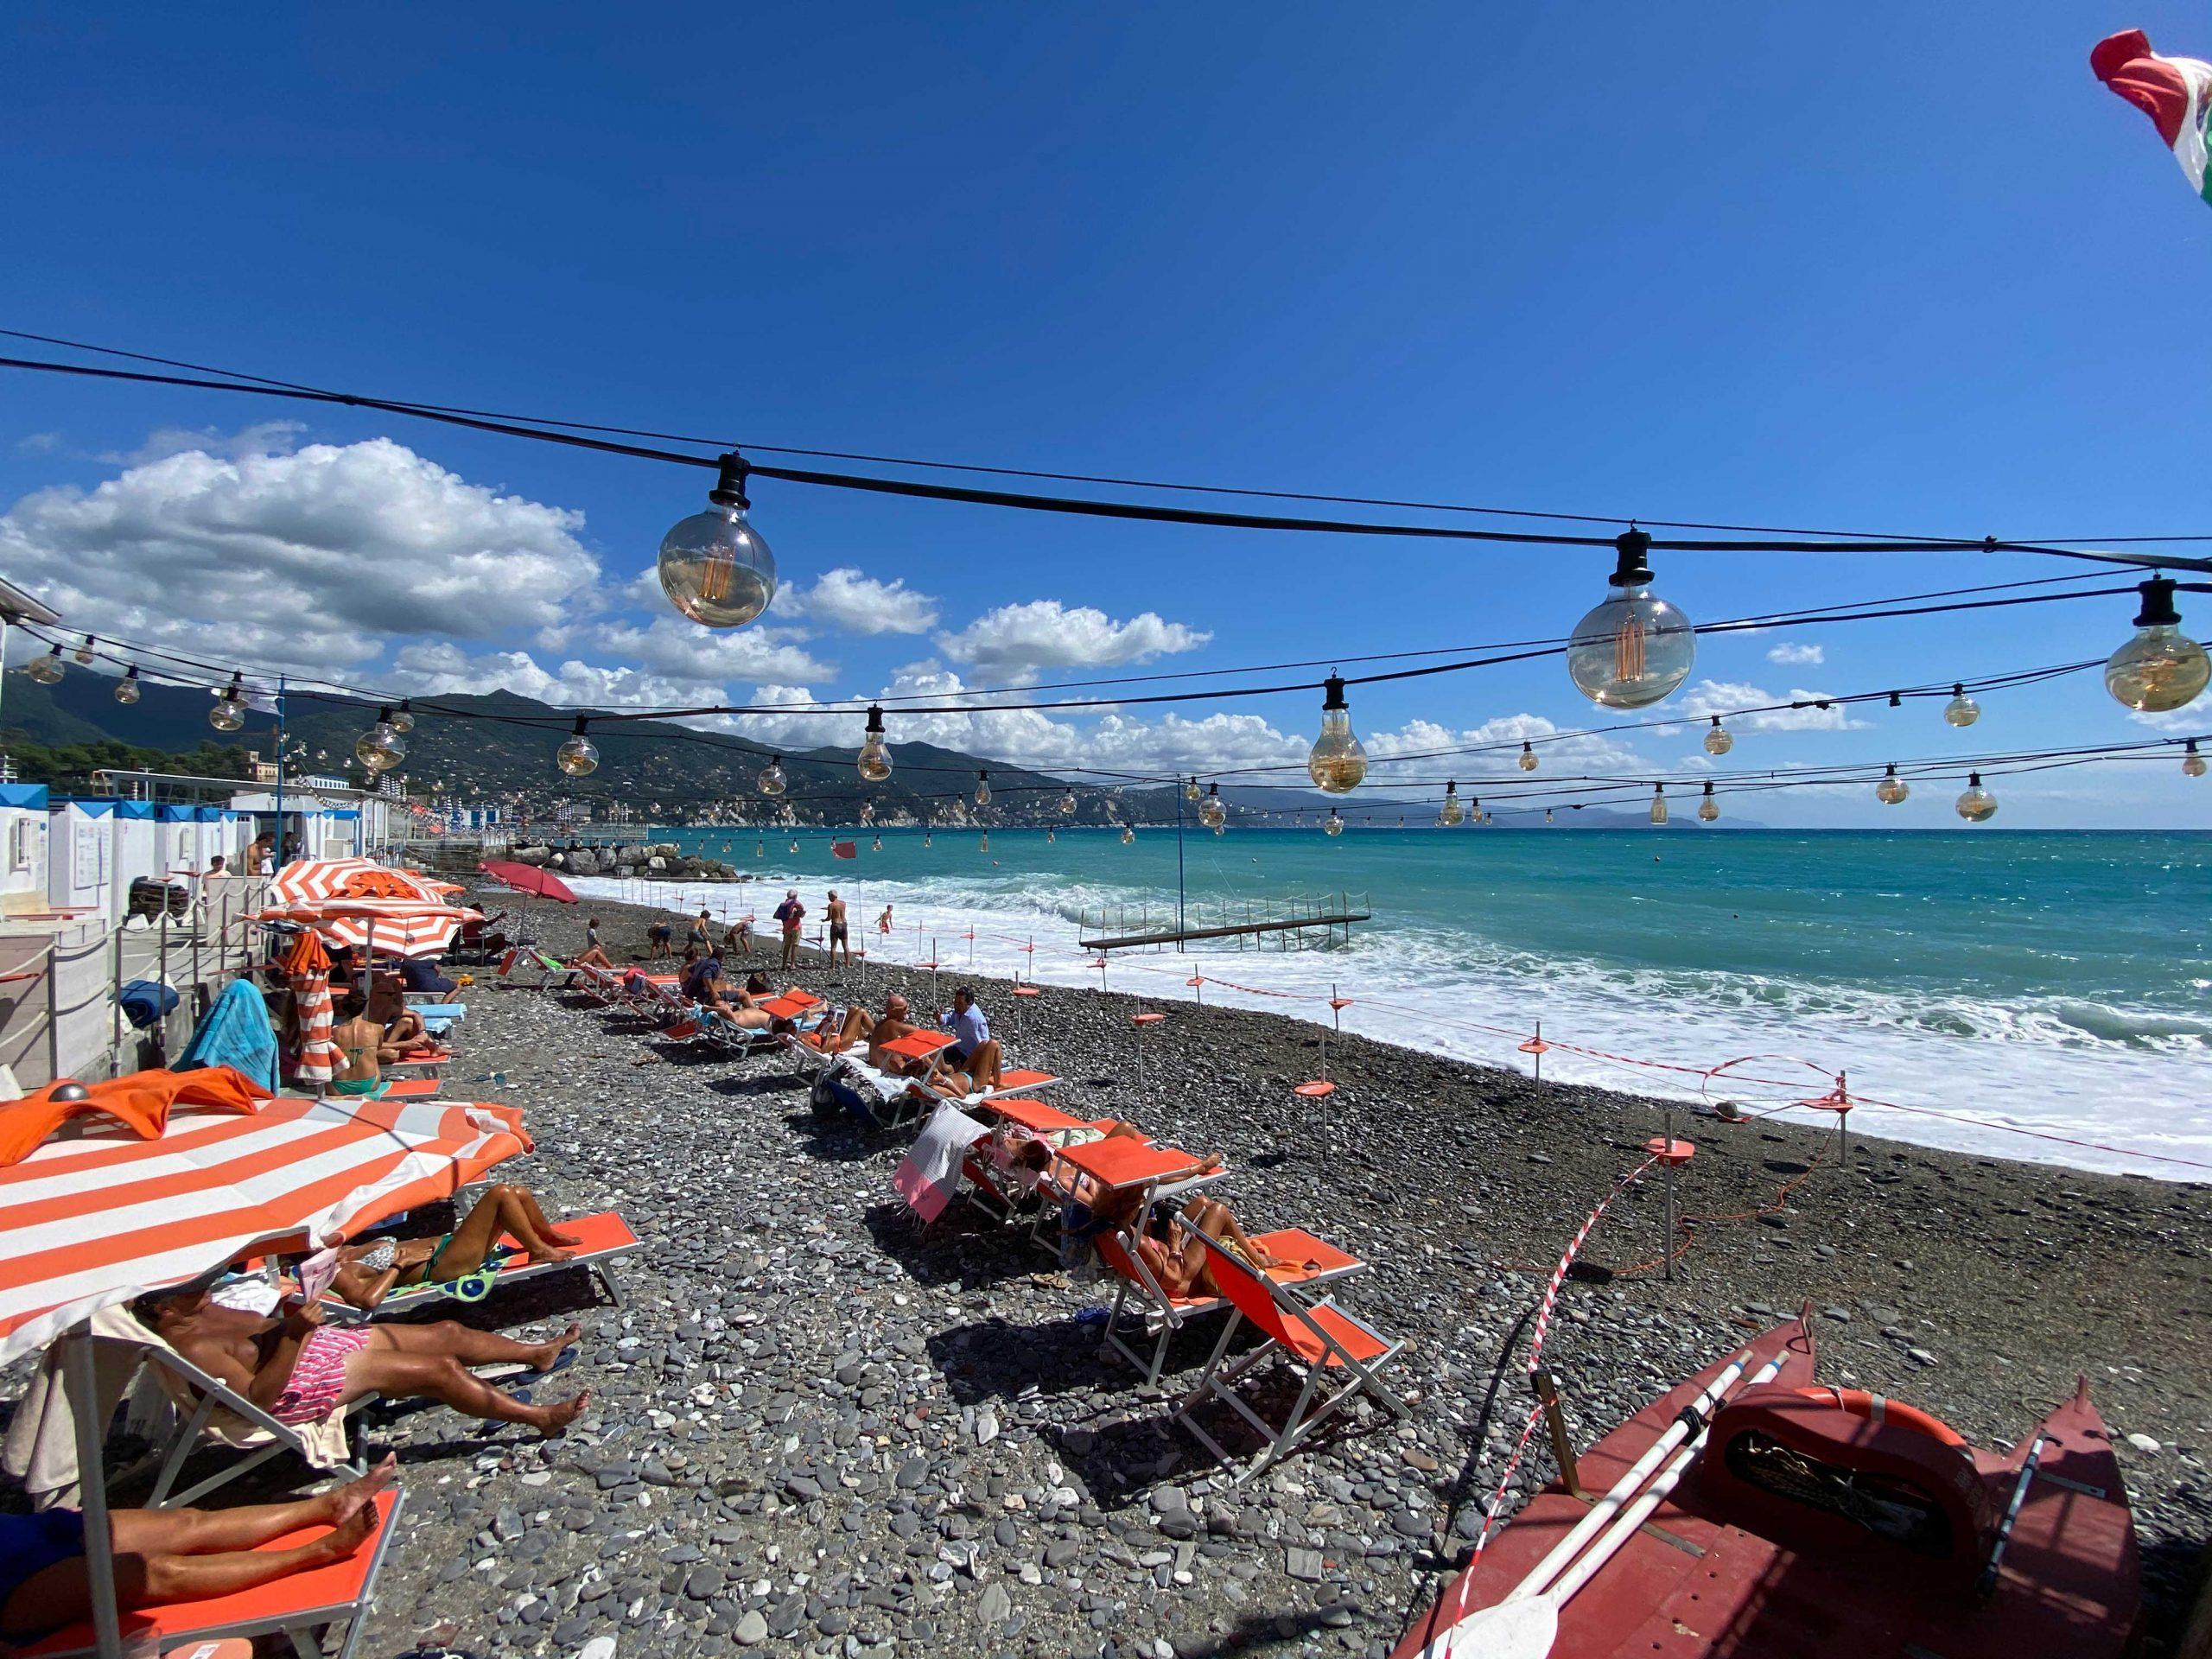 Spiaggia e mareggiata - Bagni Sirena 2019